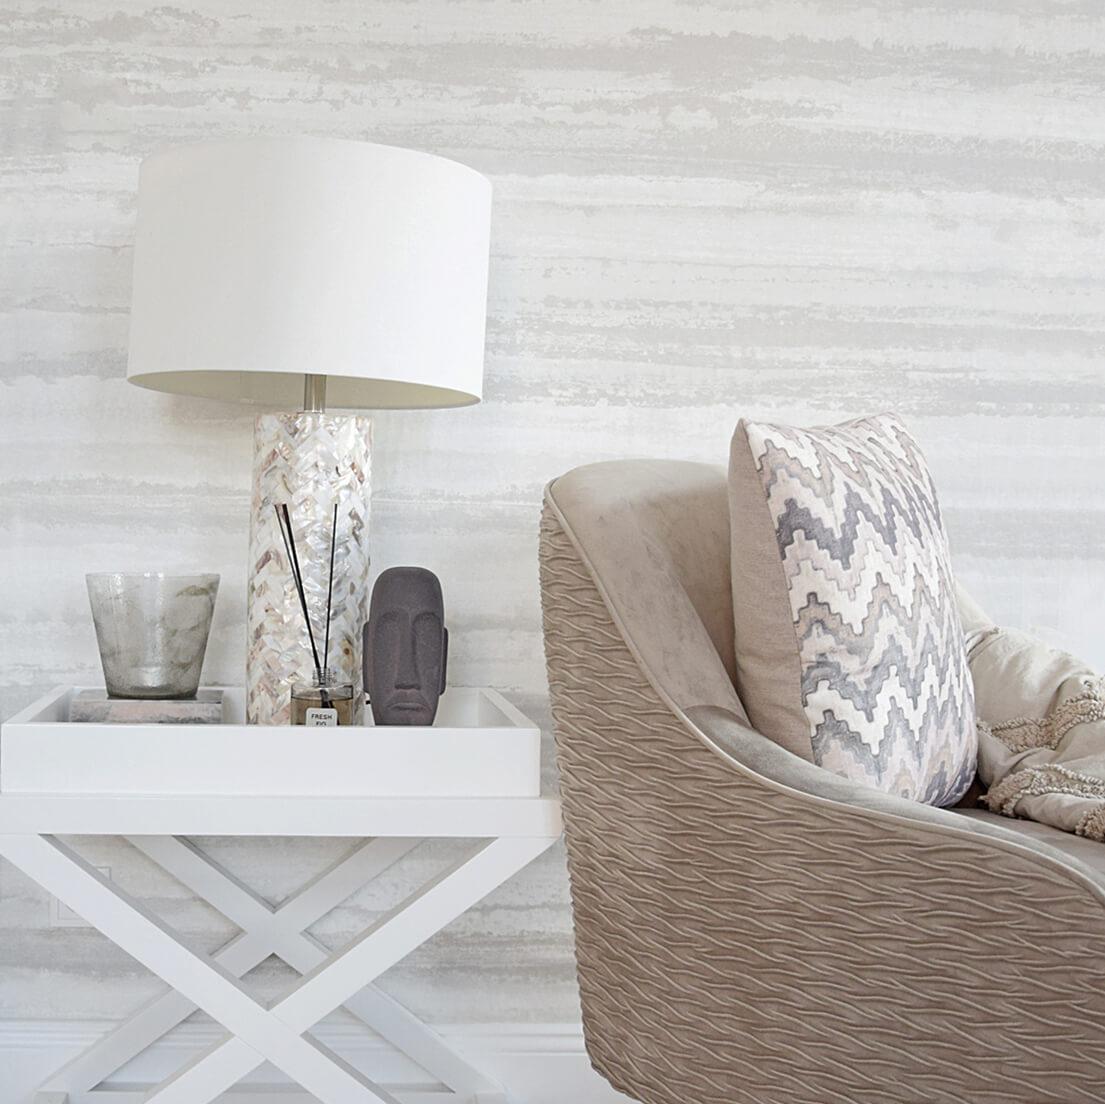 Drehstuhl minimalistisch dekorieren